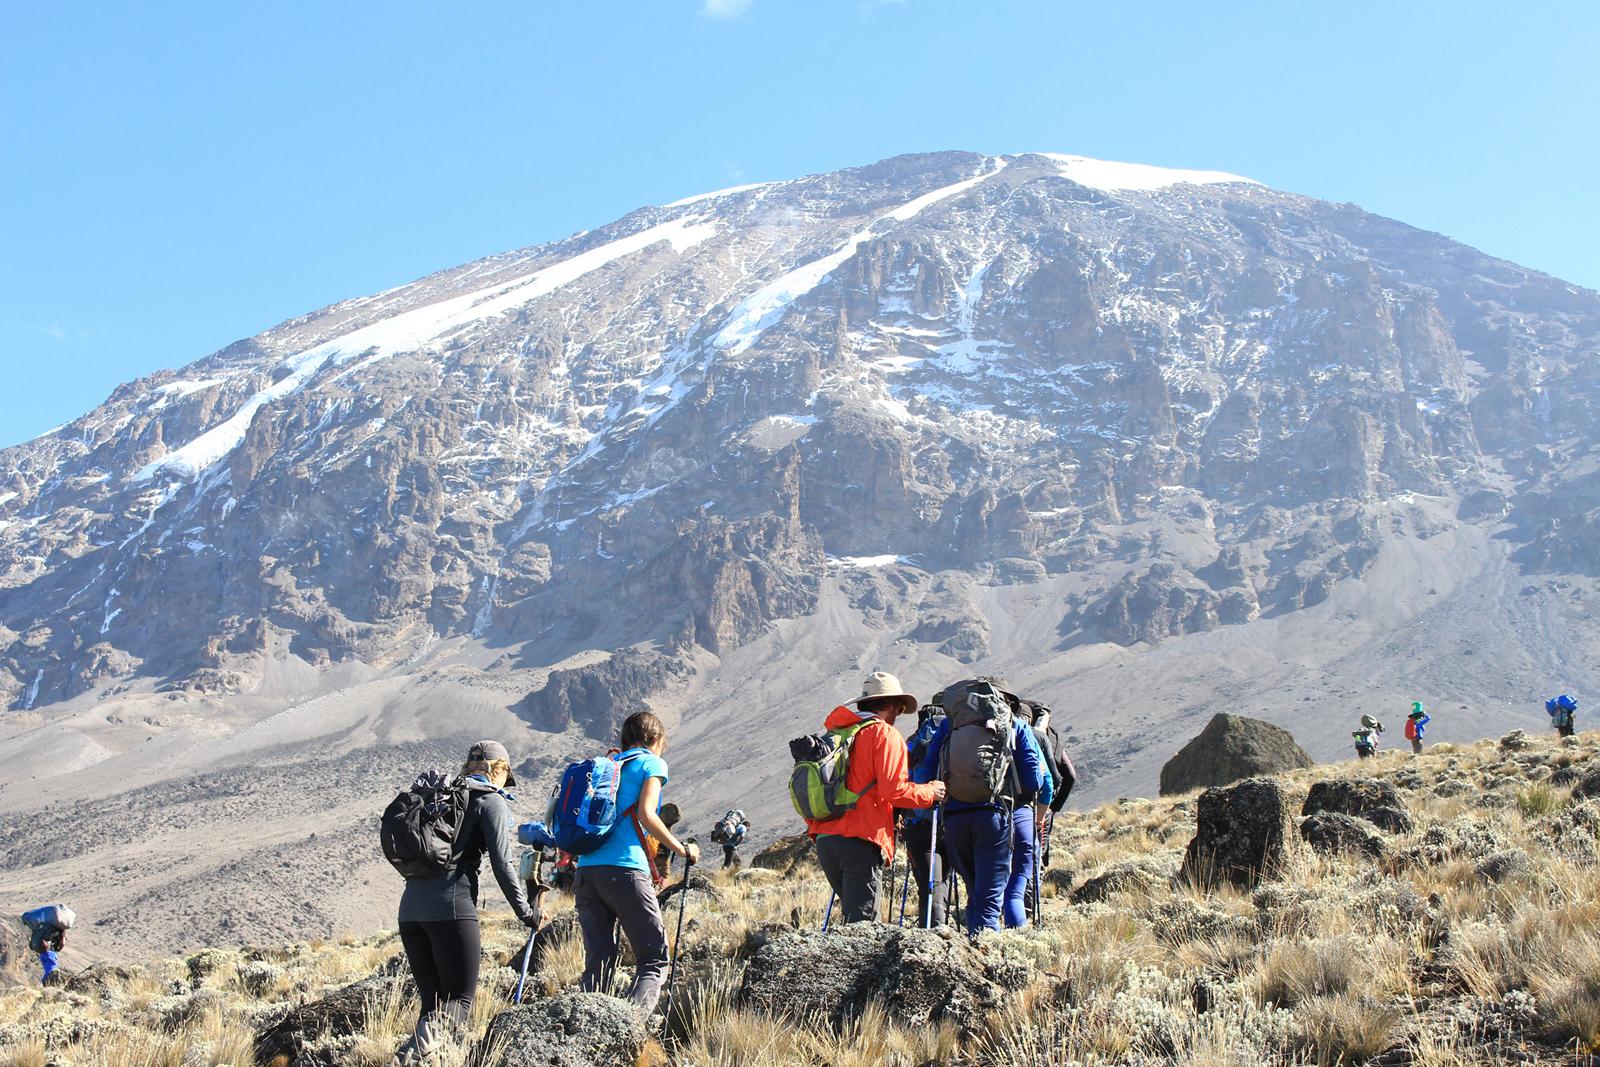 8 Days Mount Kilimanjaro Hiking Tour via Lemosho Route 2